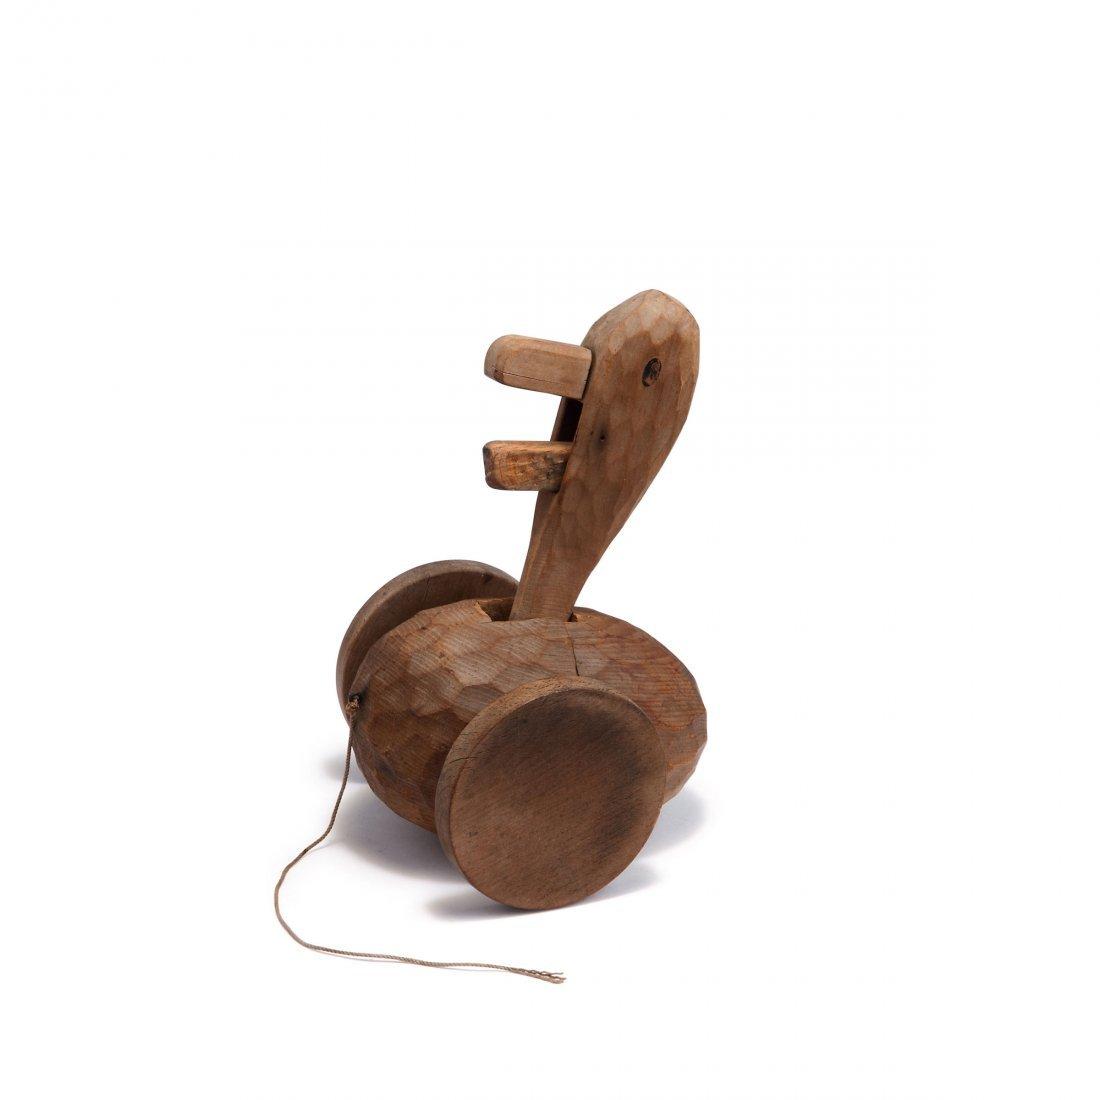 Toy duck, c1929/30